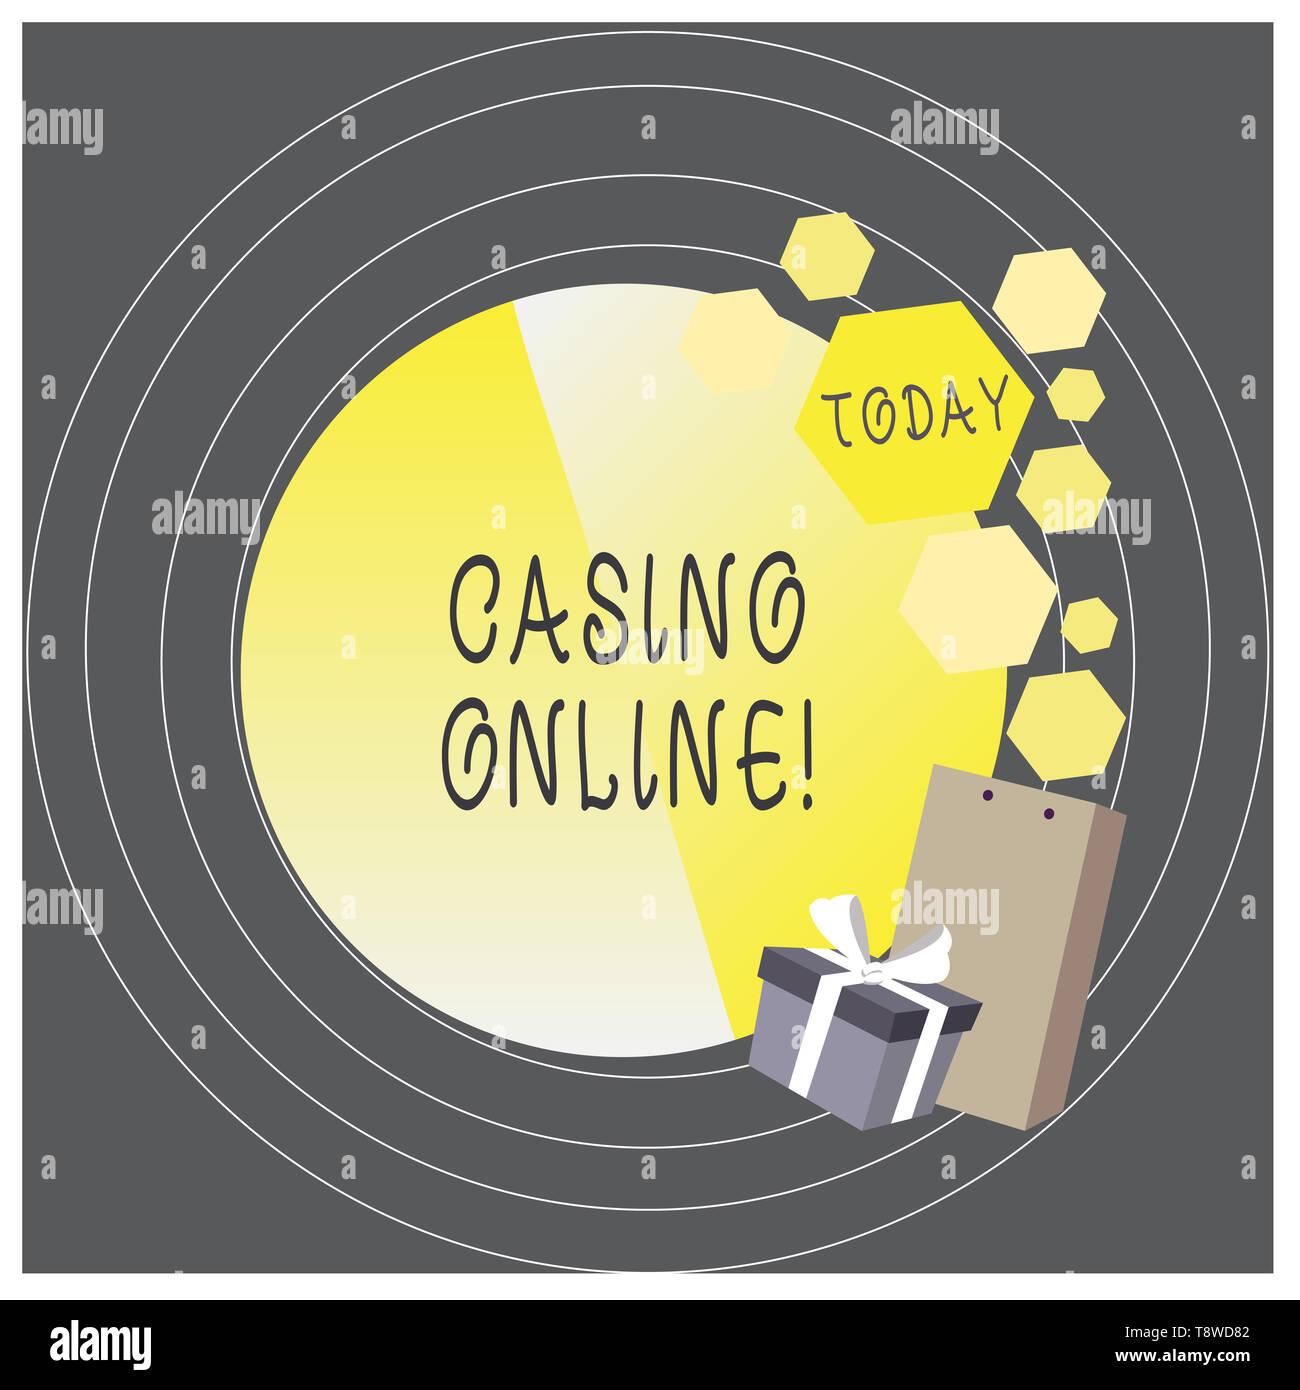 casino las vegas online games